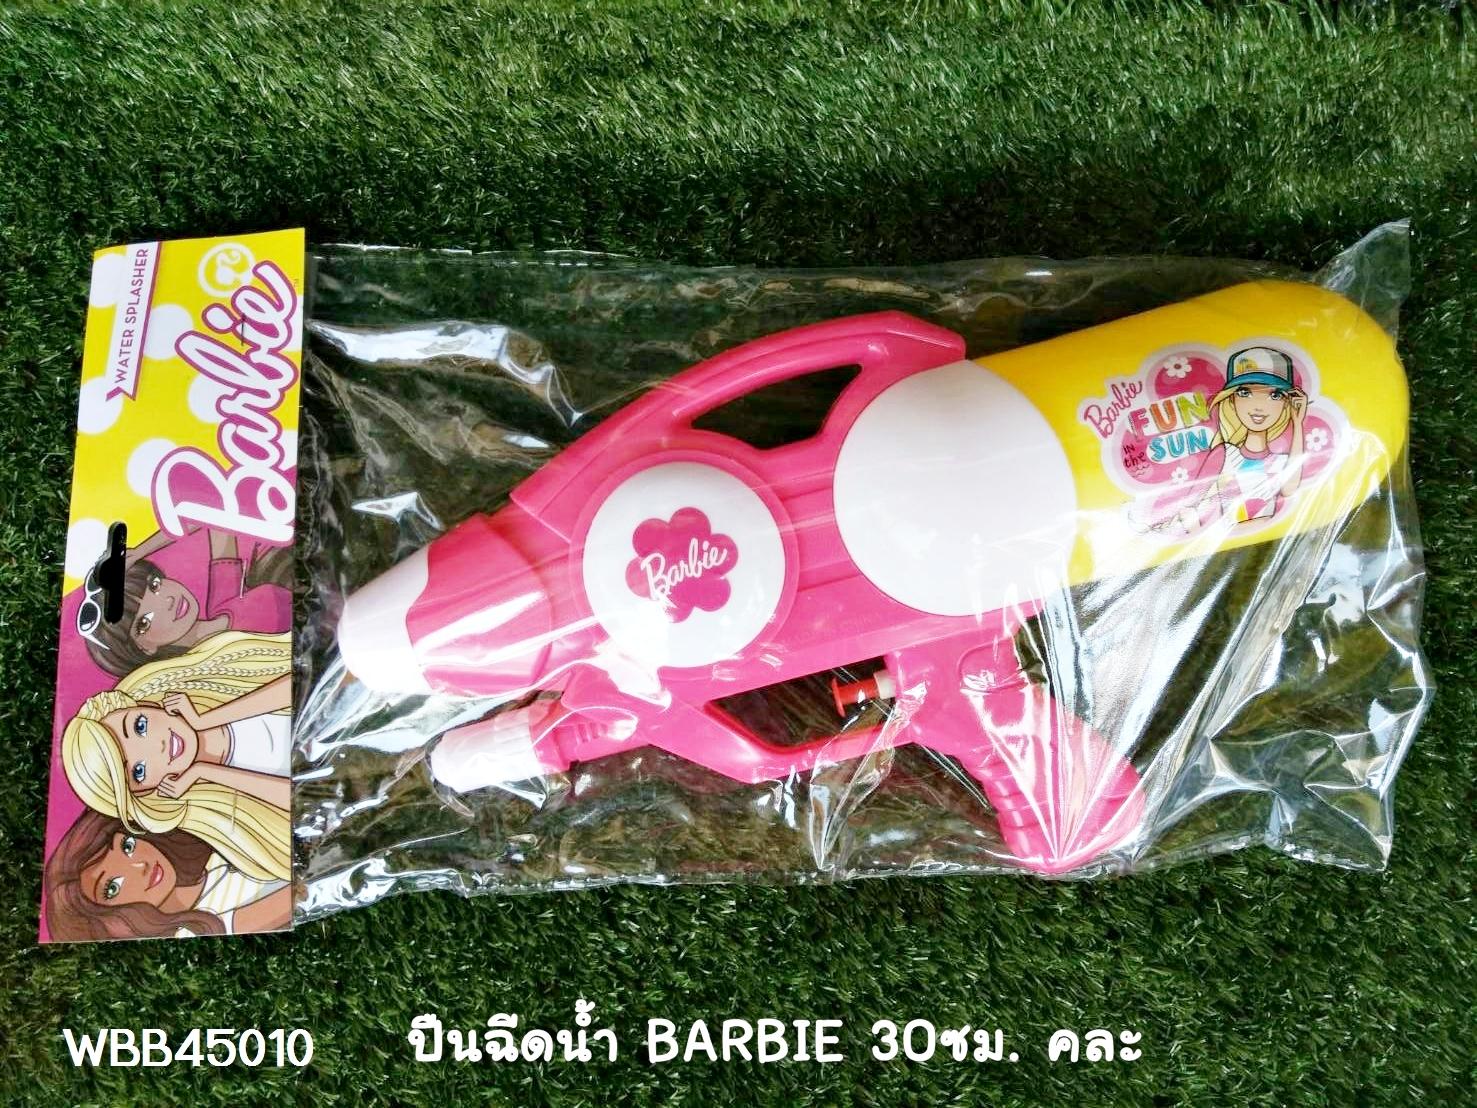 ปืนฉีดน้ำ Barbie 30 ซม.**ซื้อ1แถม1**